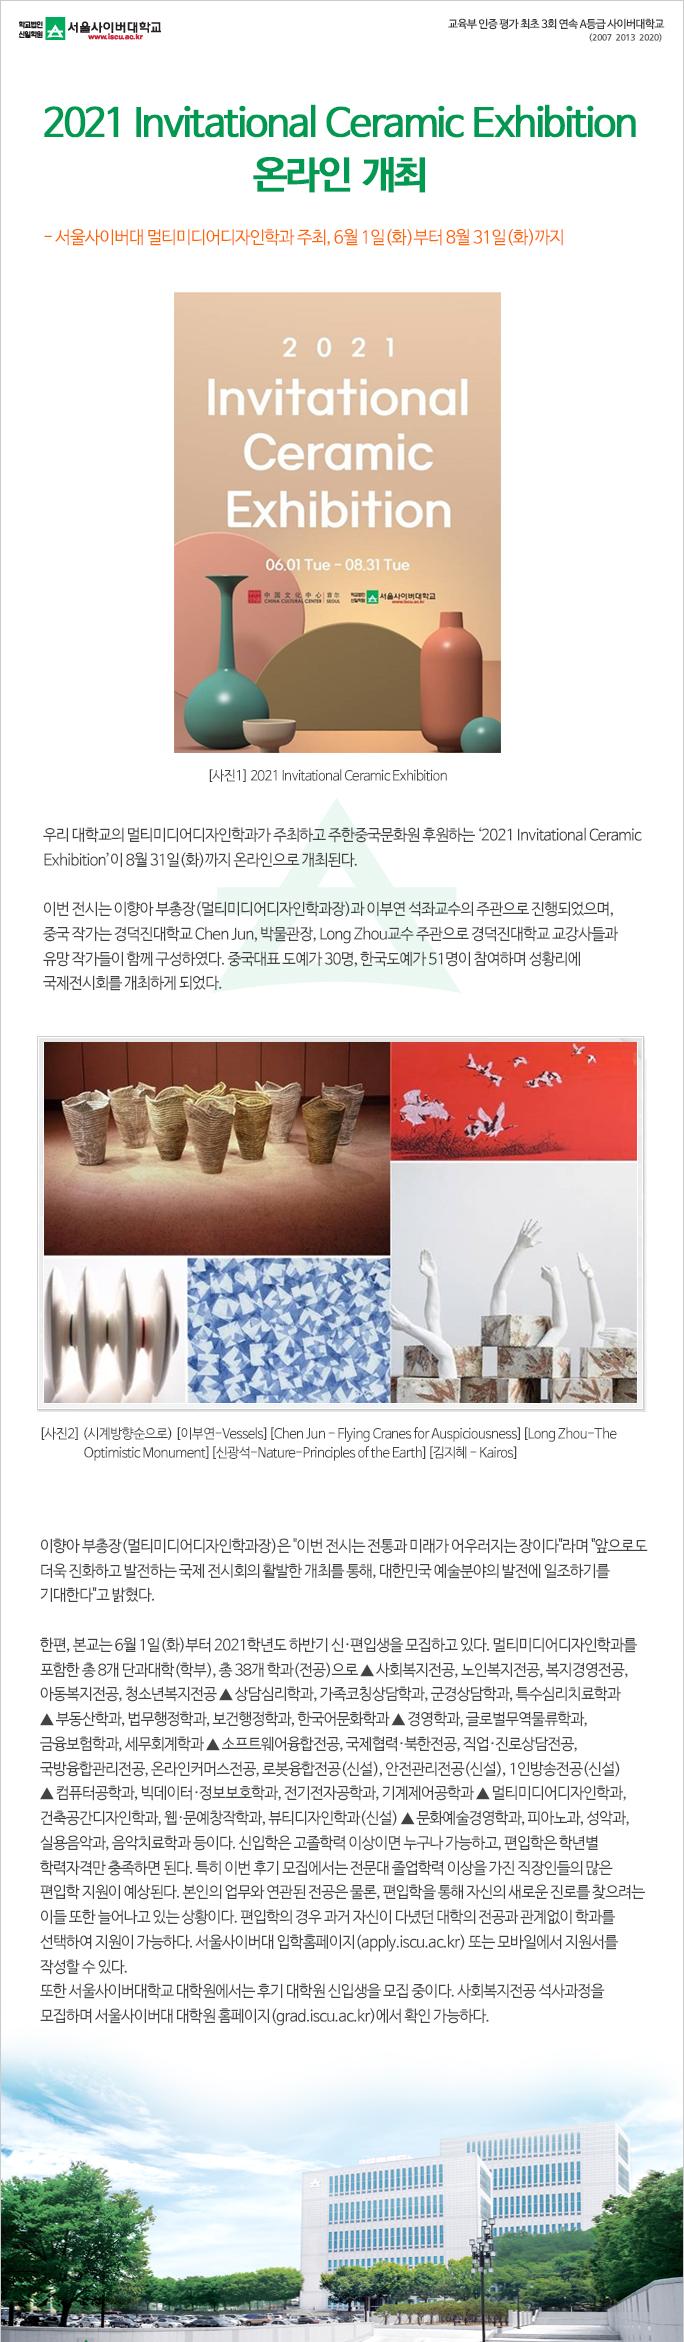 2021 Invitational Ceramic Exhibition 온라인 개최